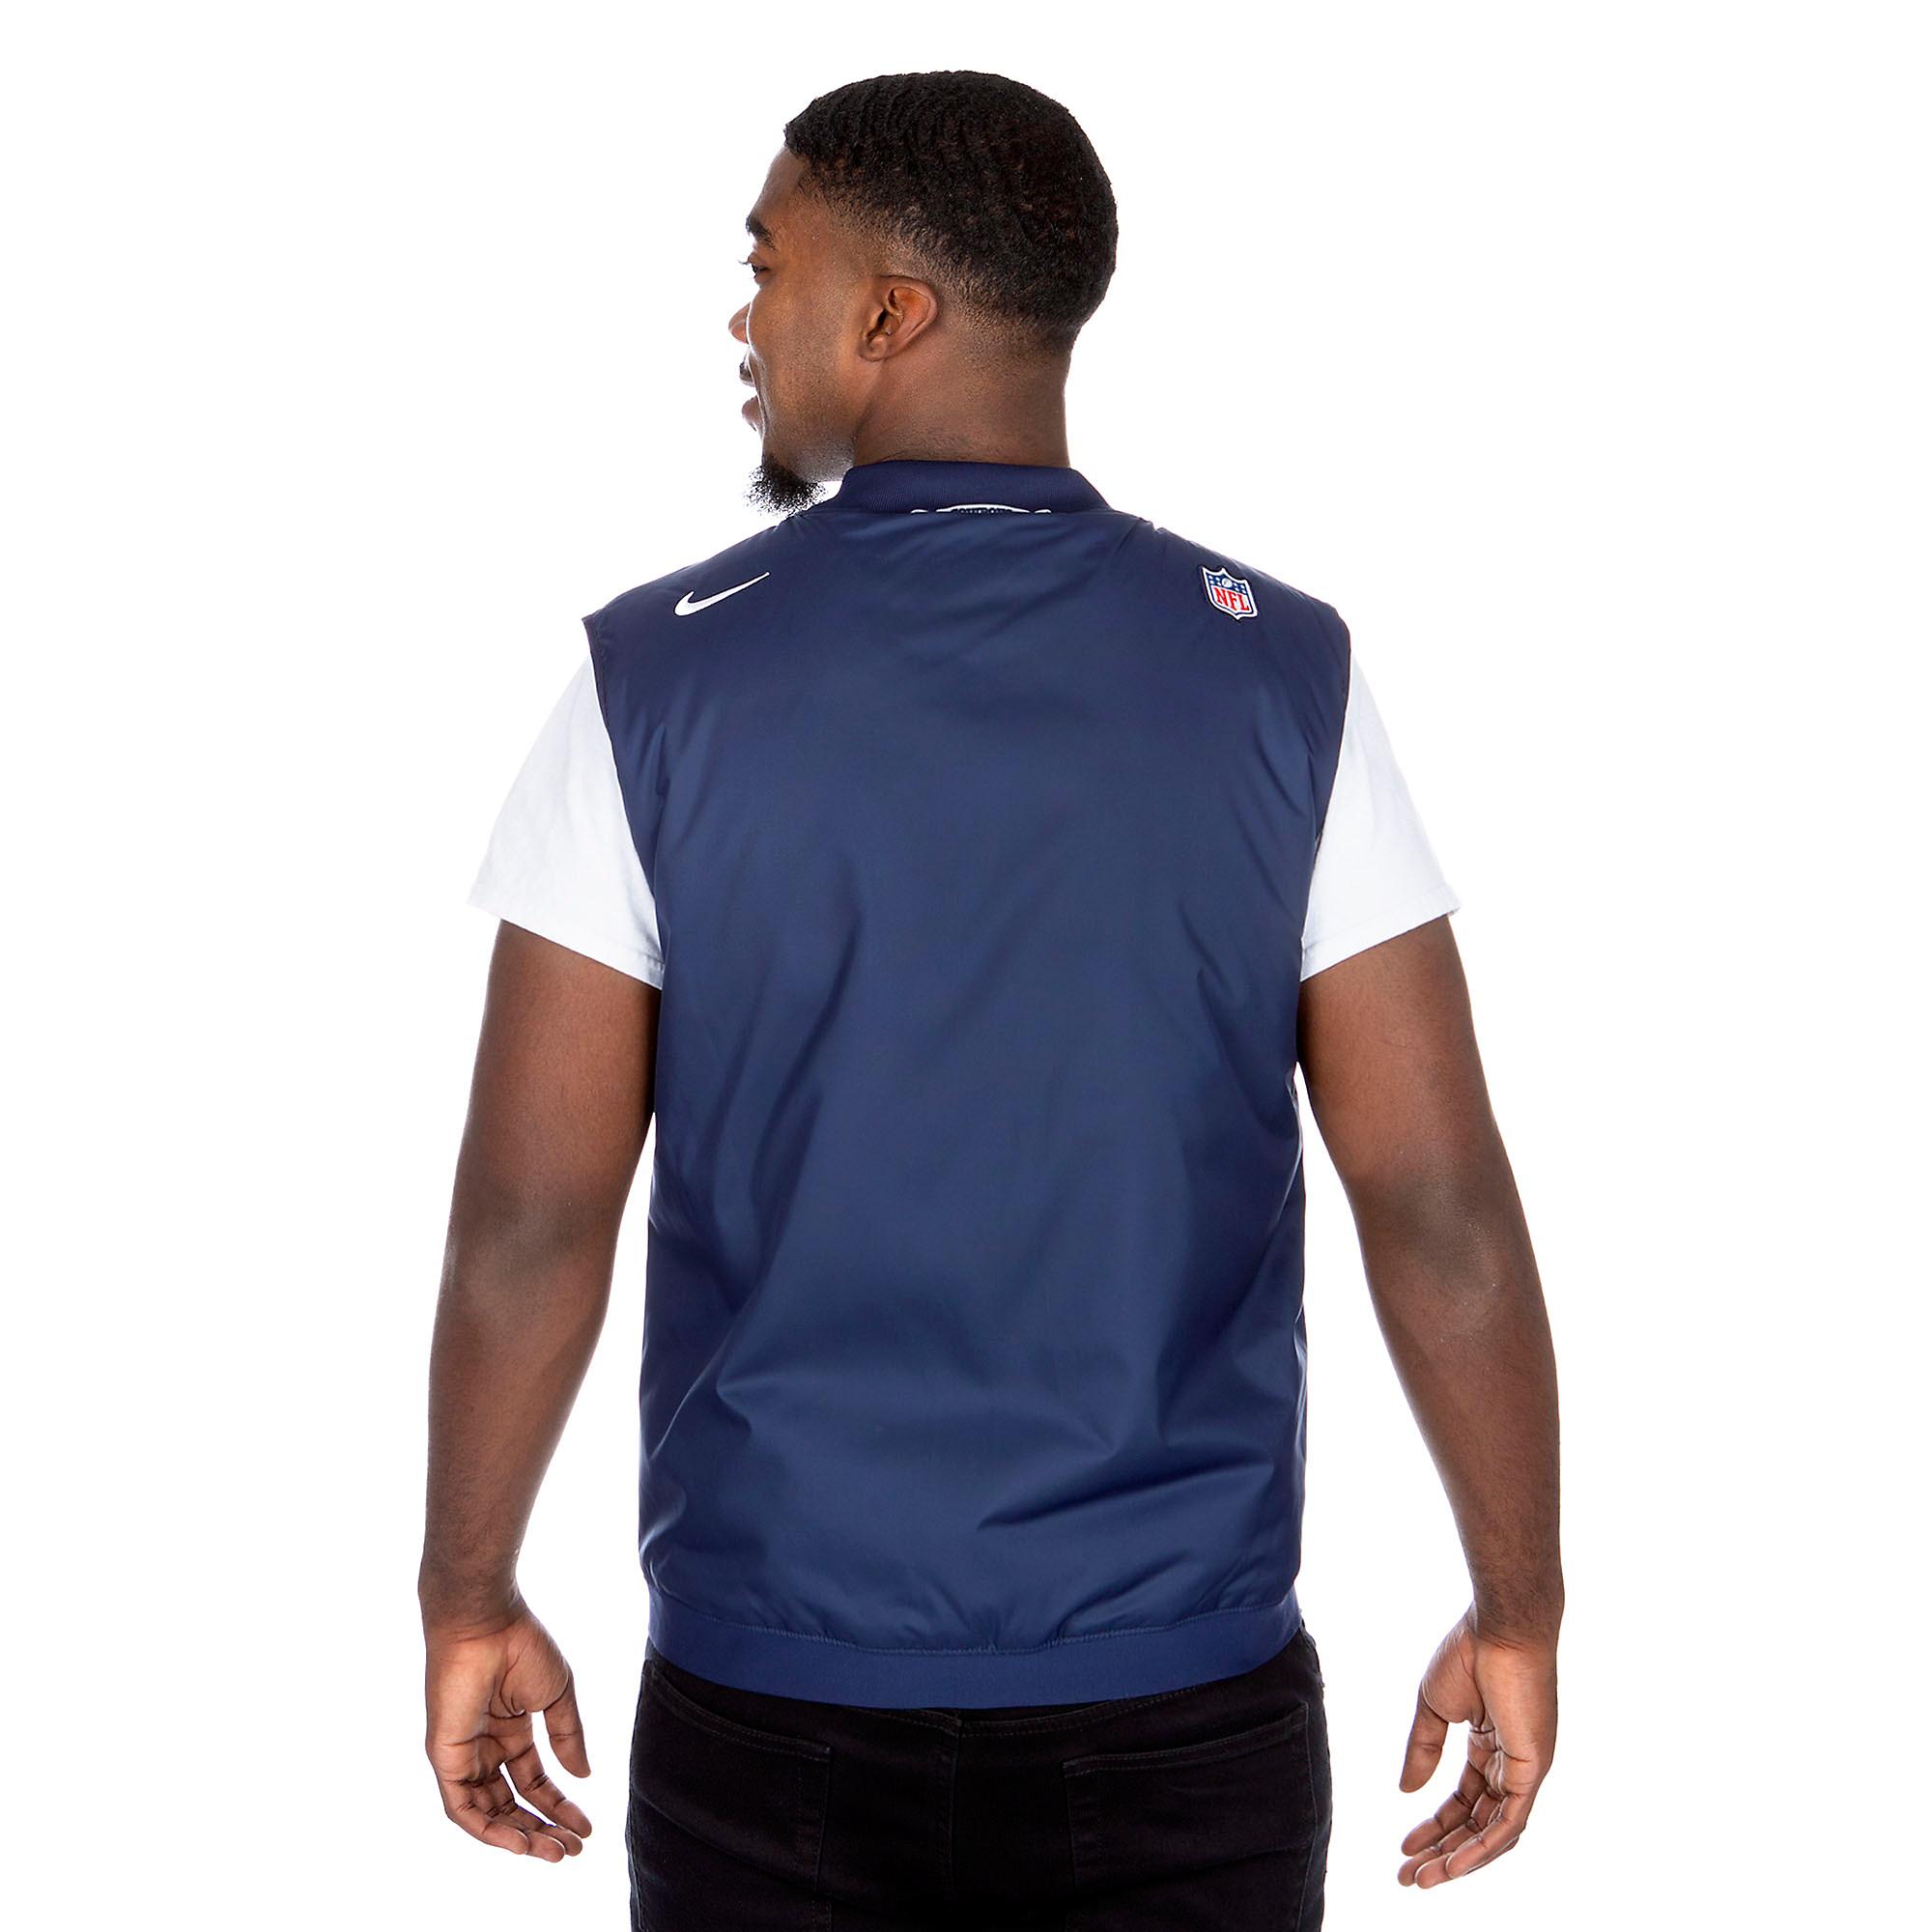 timeless design 24ada 2344d Dallas Cowboys Nike Sideline Vest | Fans United